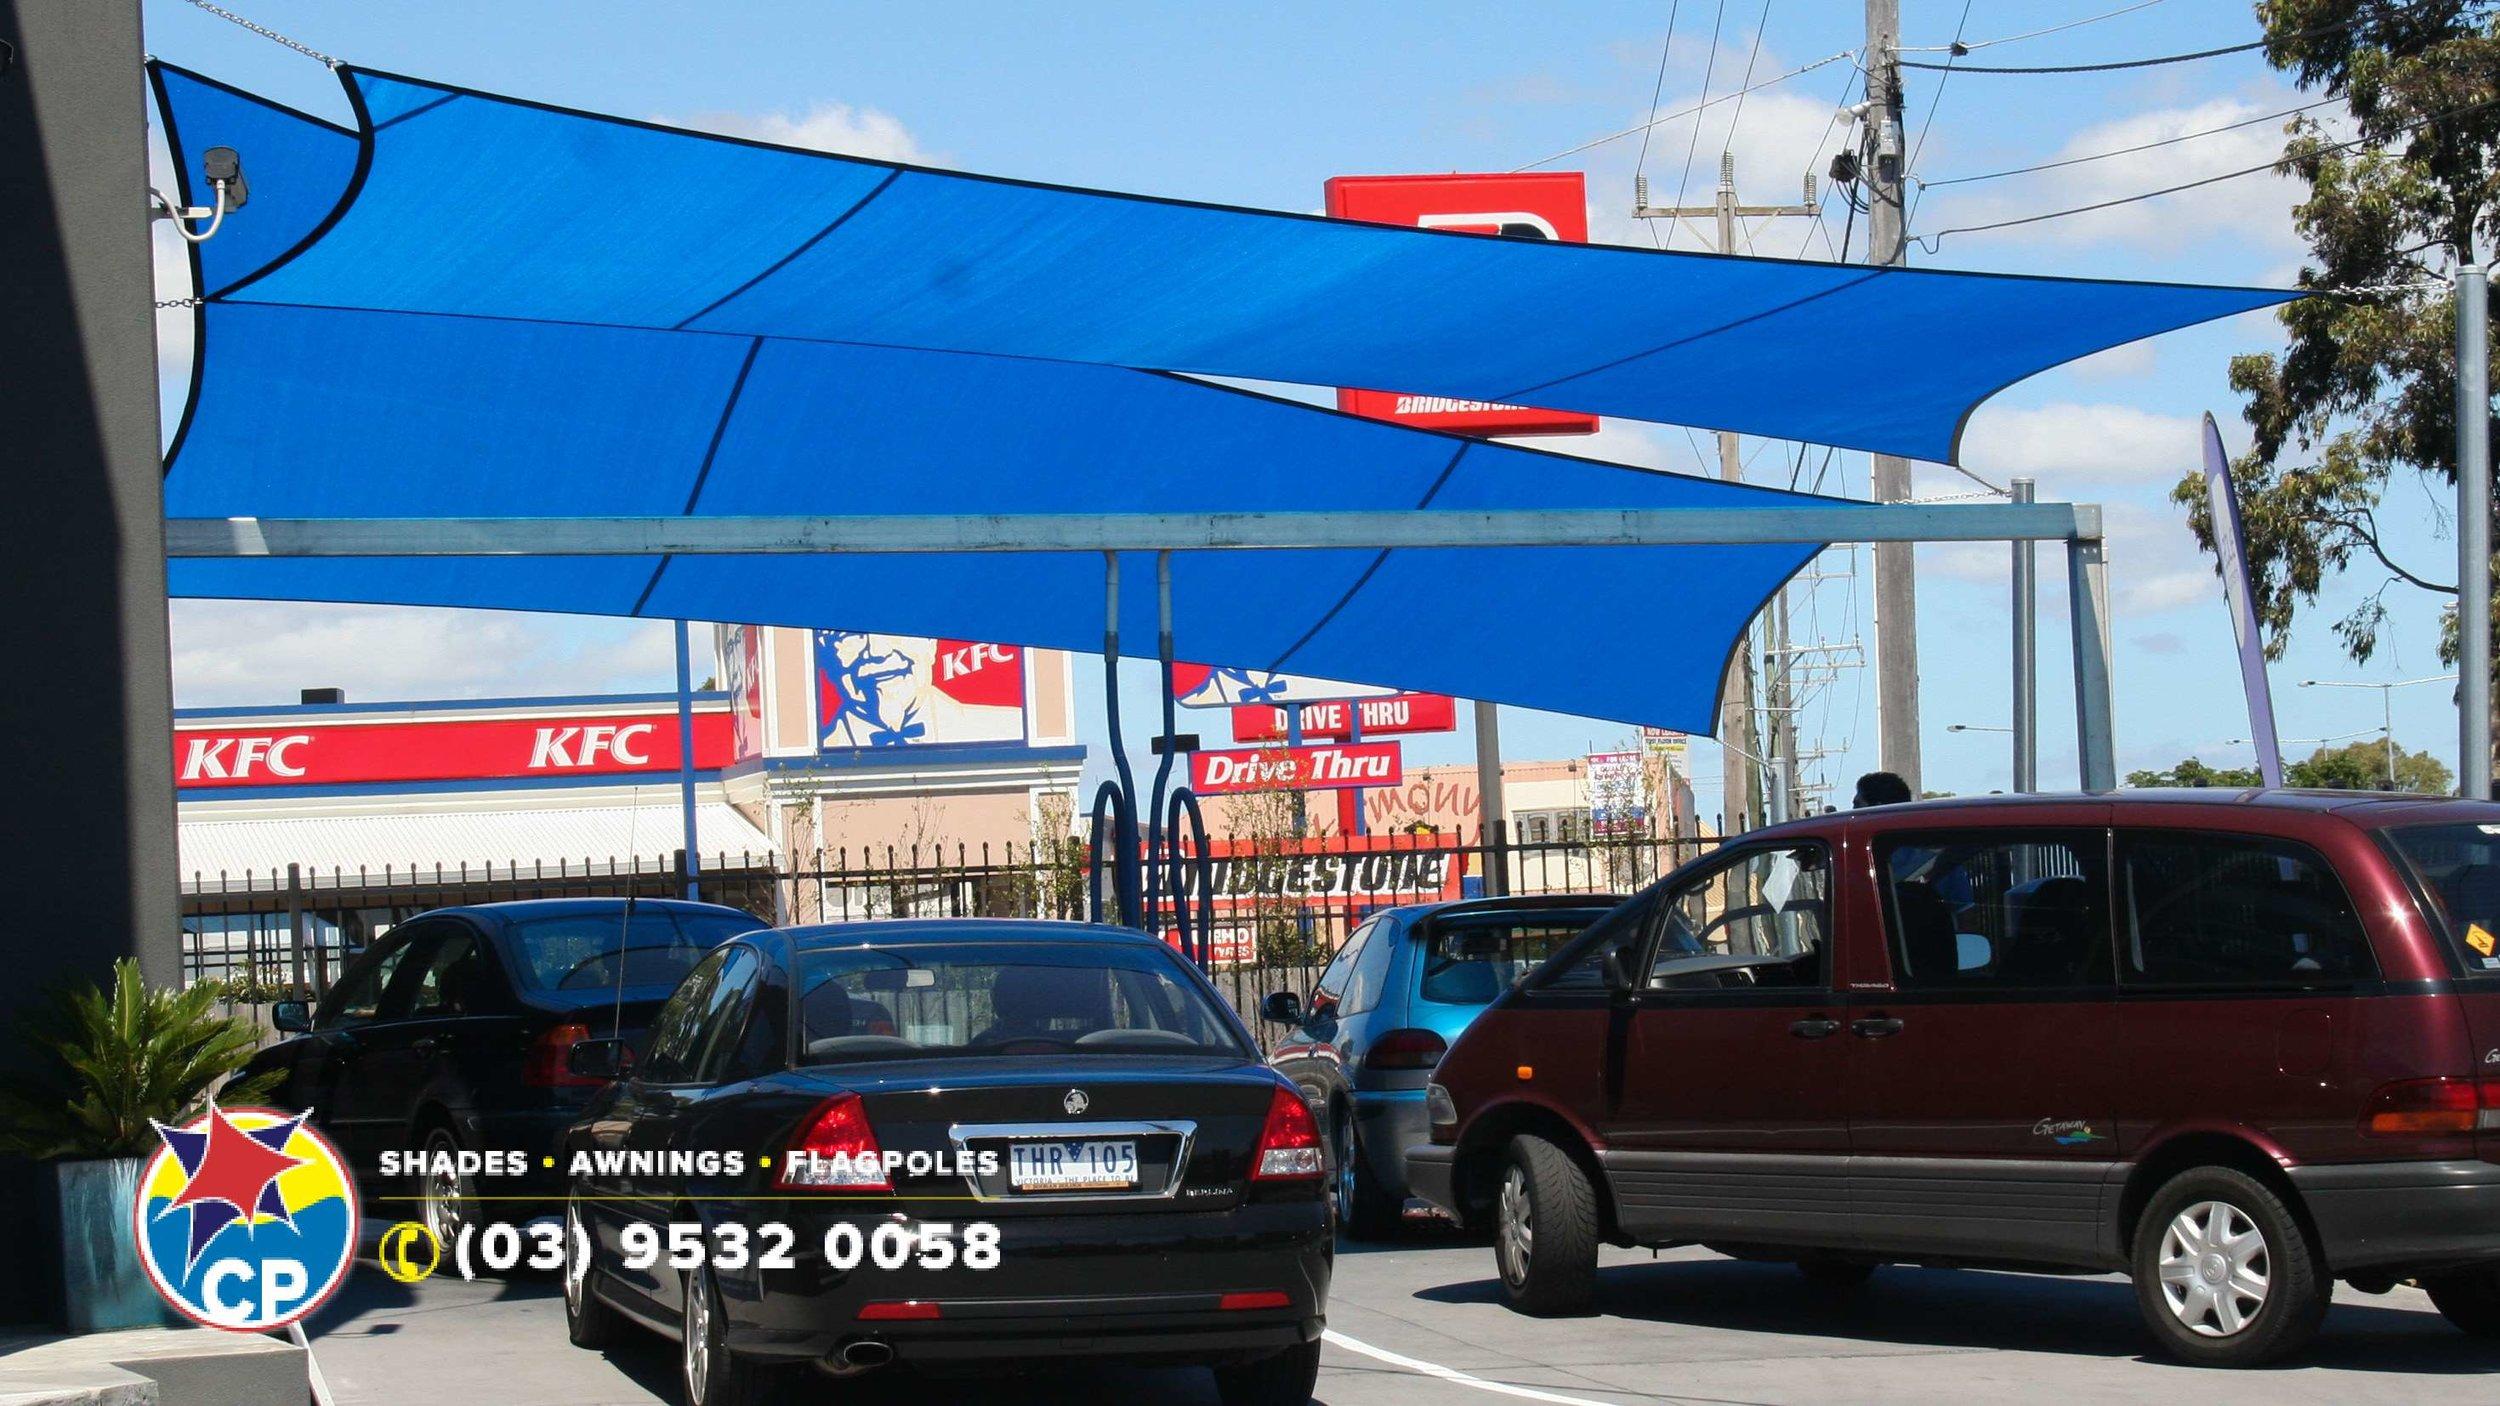 CP Car Wash Blue Sails - edit.jpg